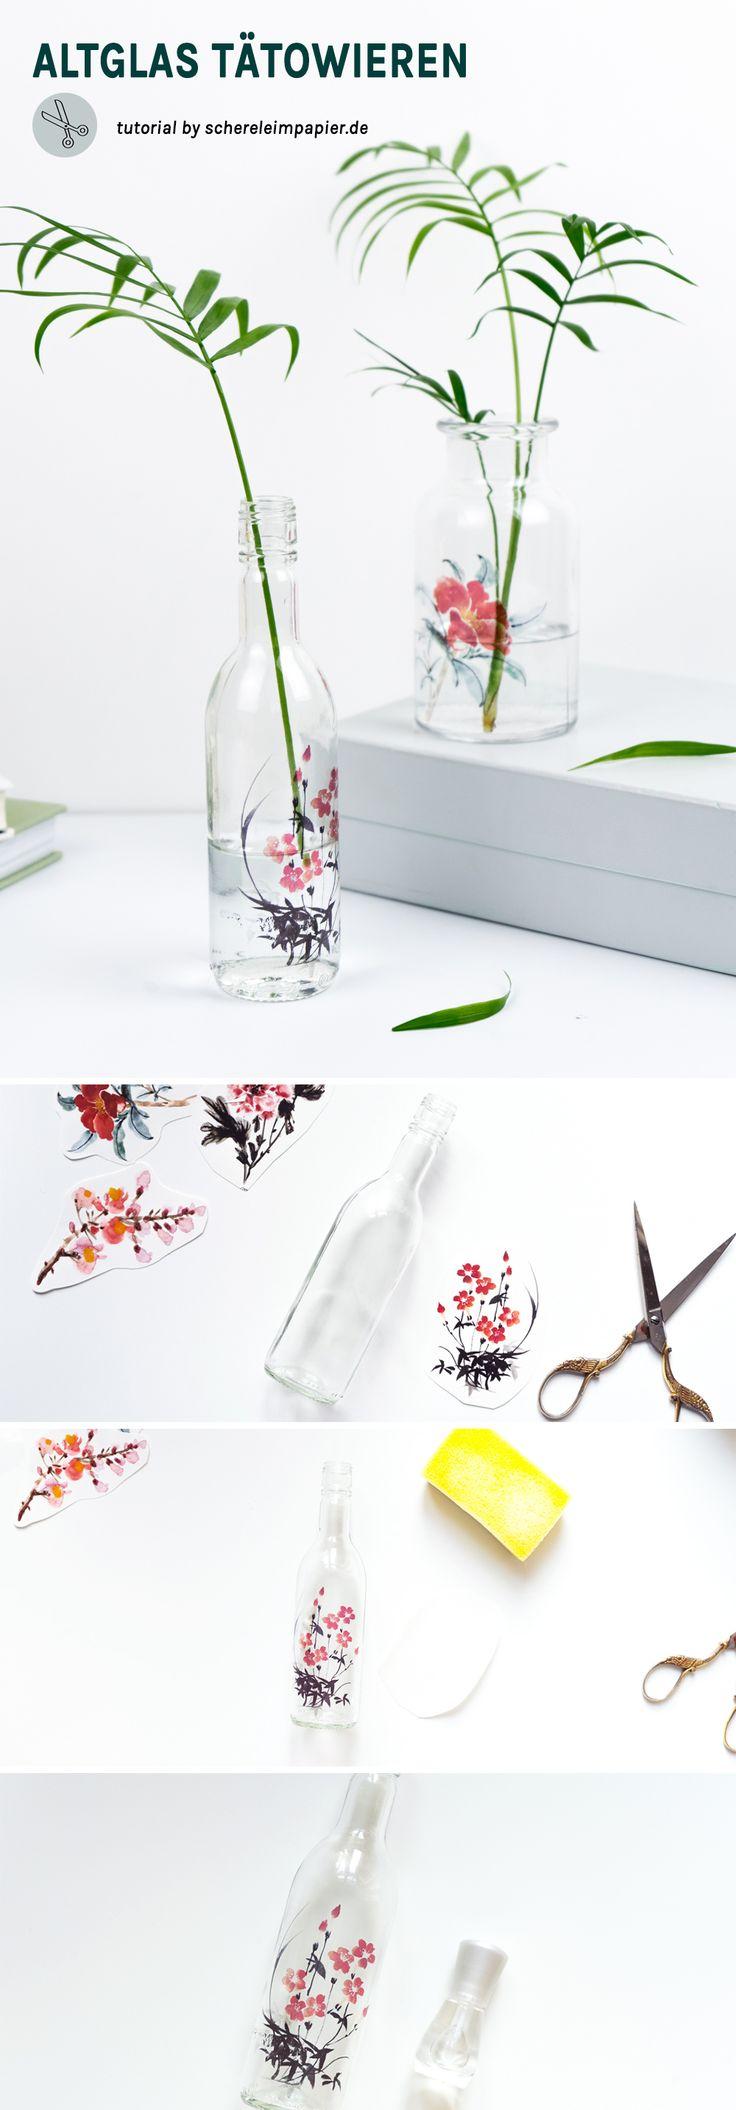 Easy Upcycling Idee mit Altglas: Tätowierte Vasen gestalten – Jan Honsel